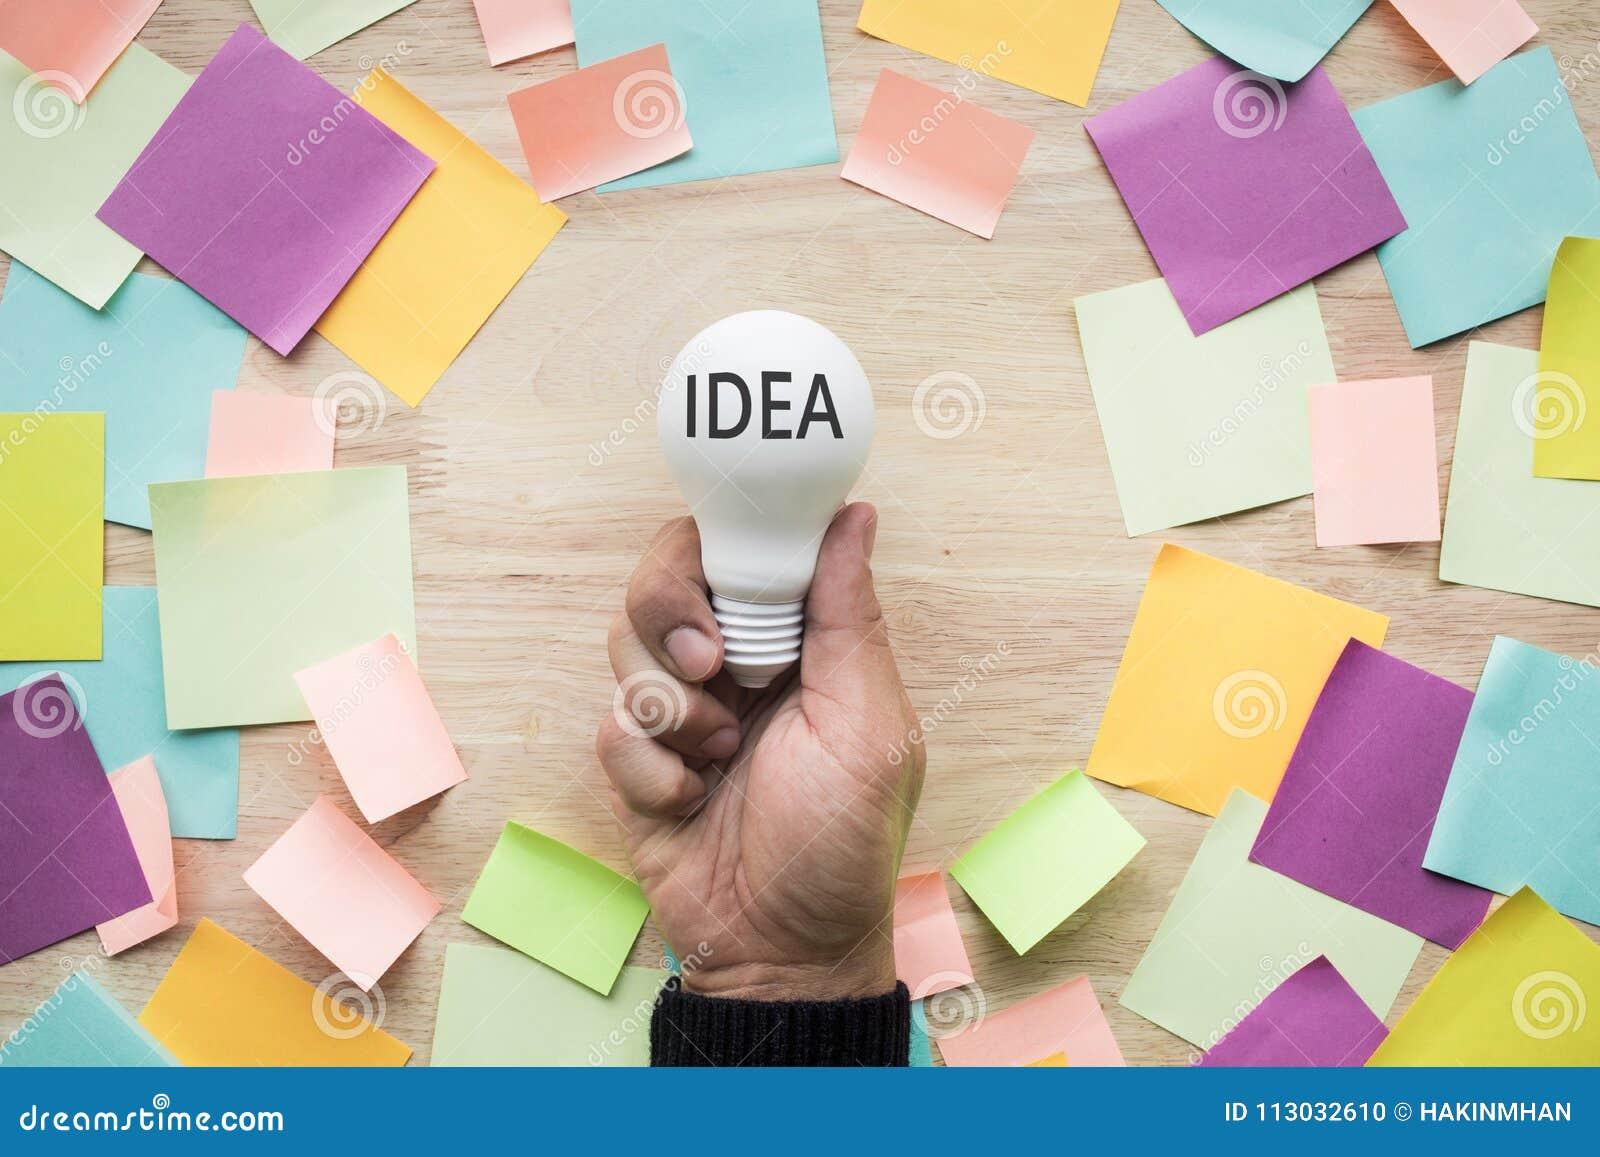 Conceptos de las ideas de la inspiración con la mano que sostiene la bombilla blanca